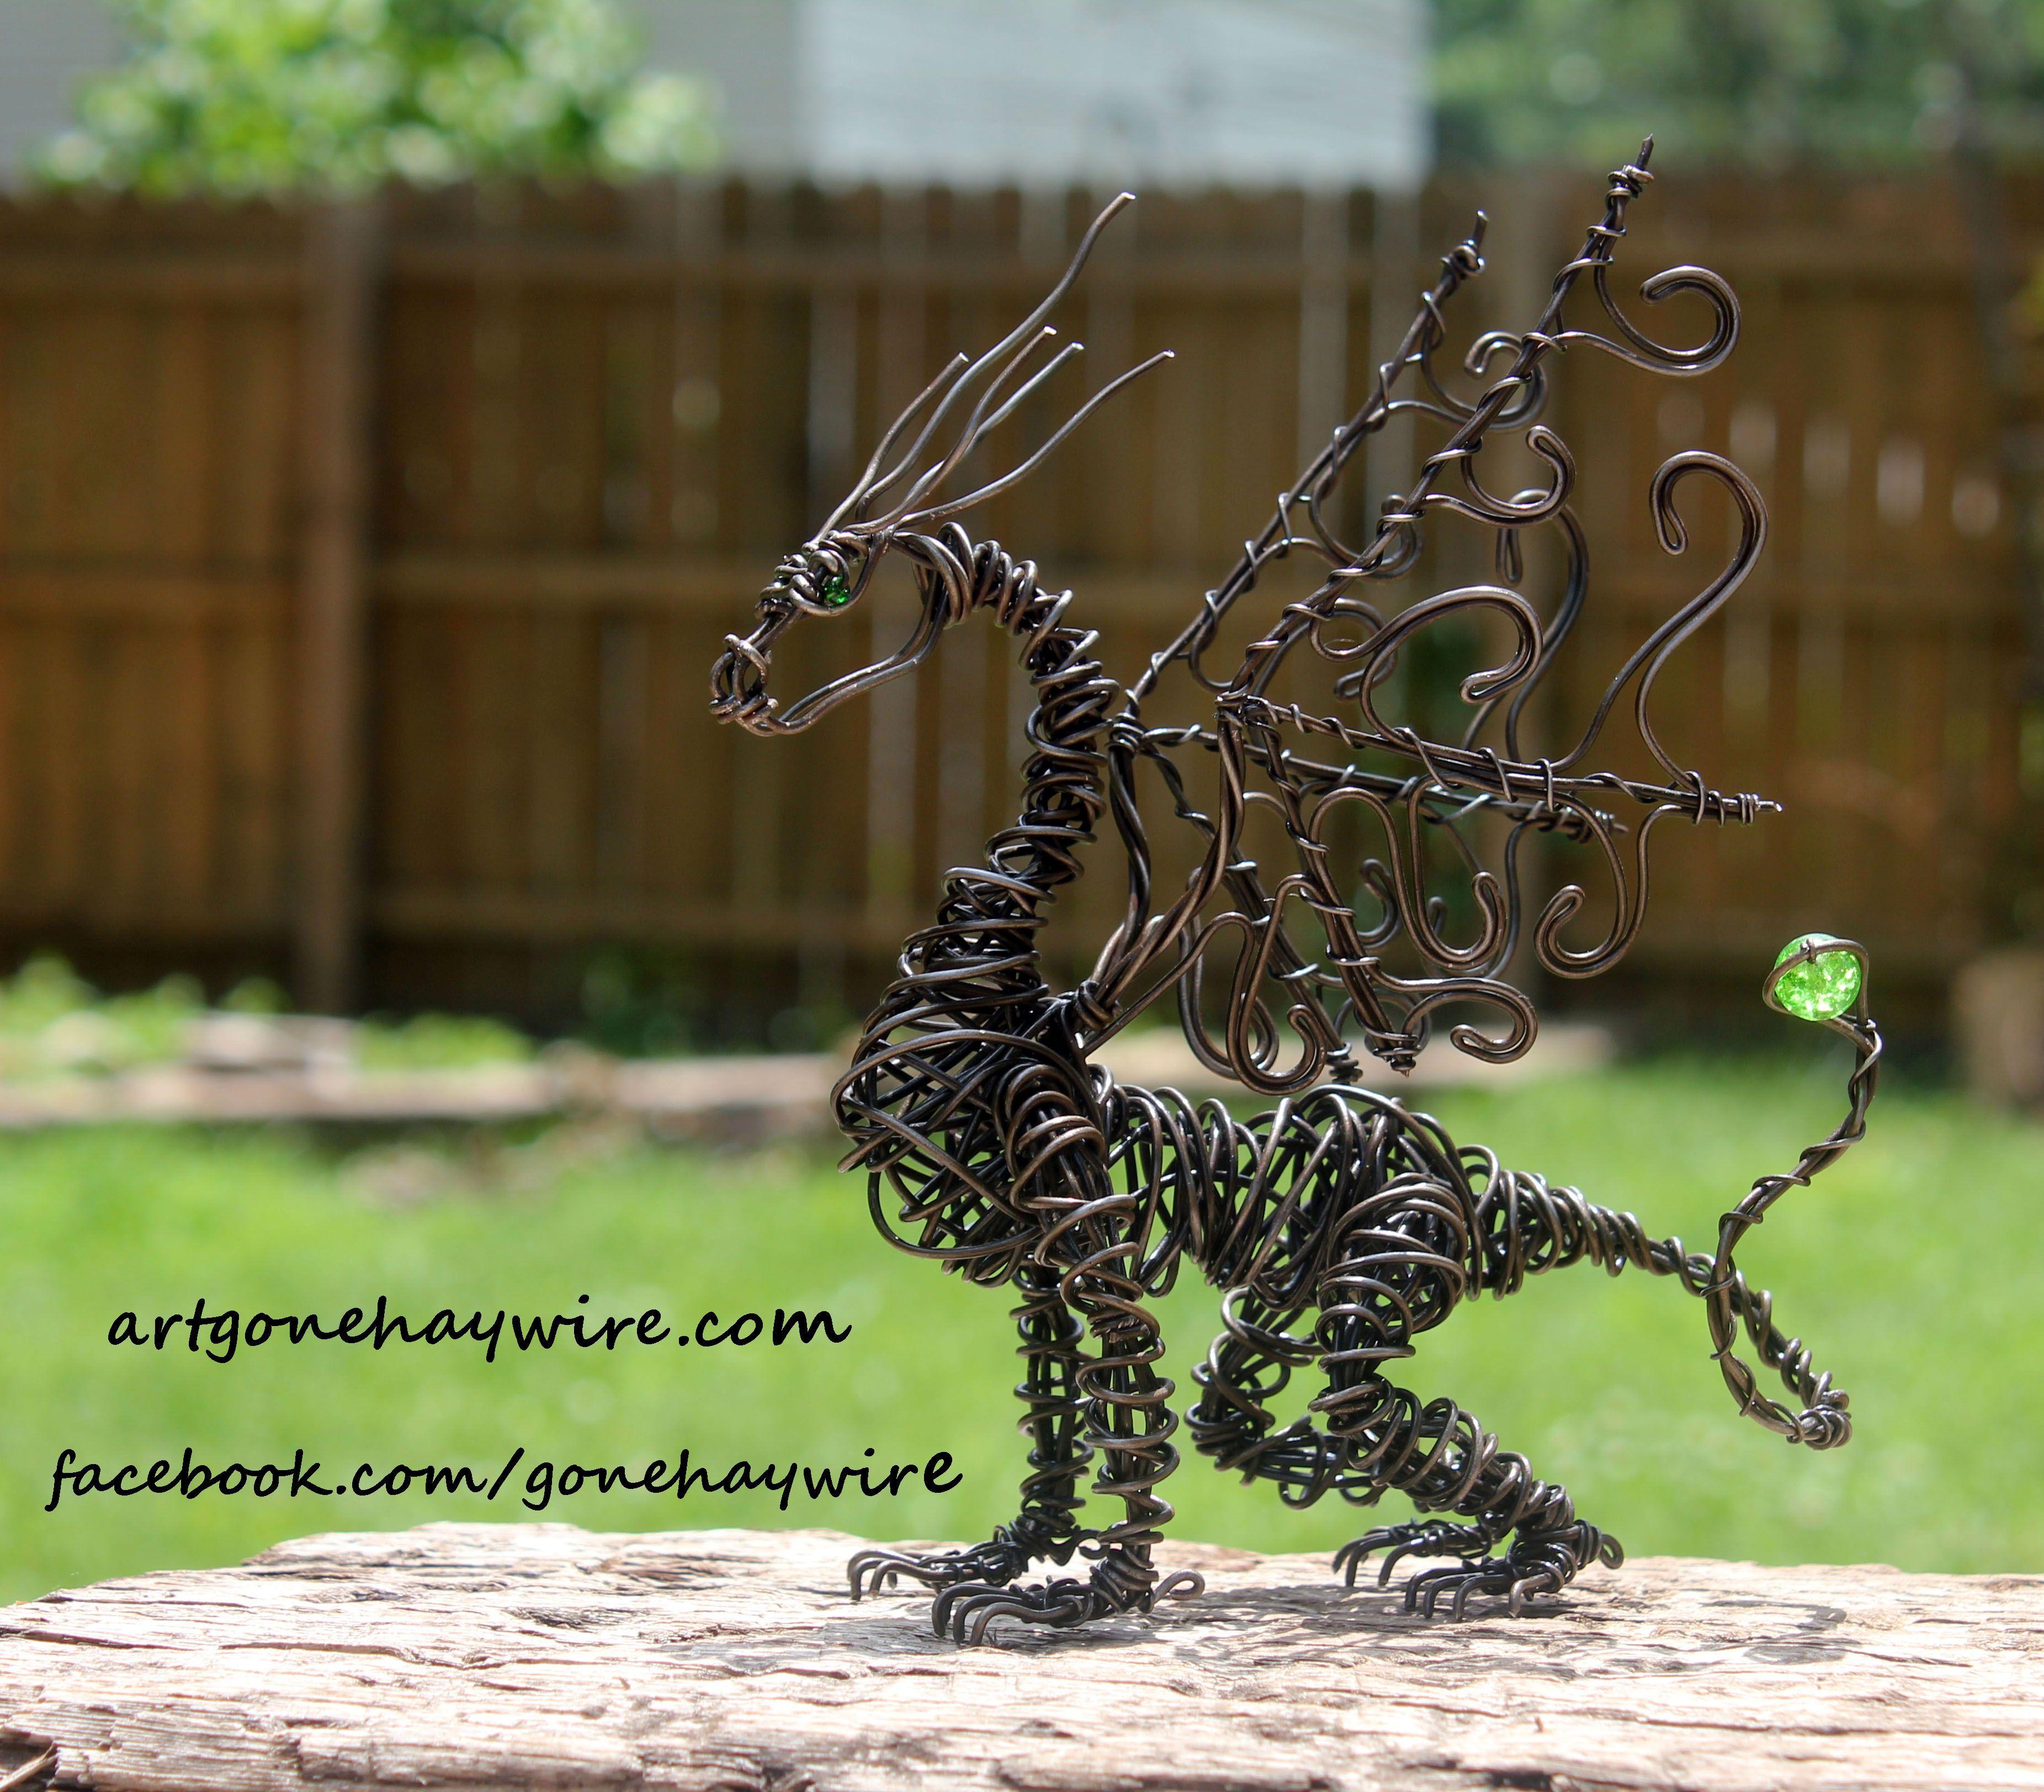 Custom Lil Bit Dragon Haywire Art | Other Wire Work | Pinterest ...